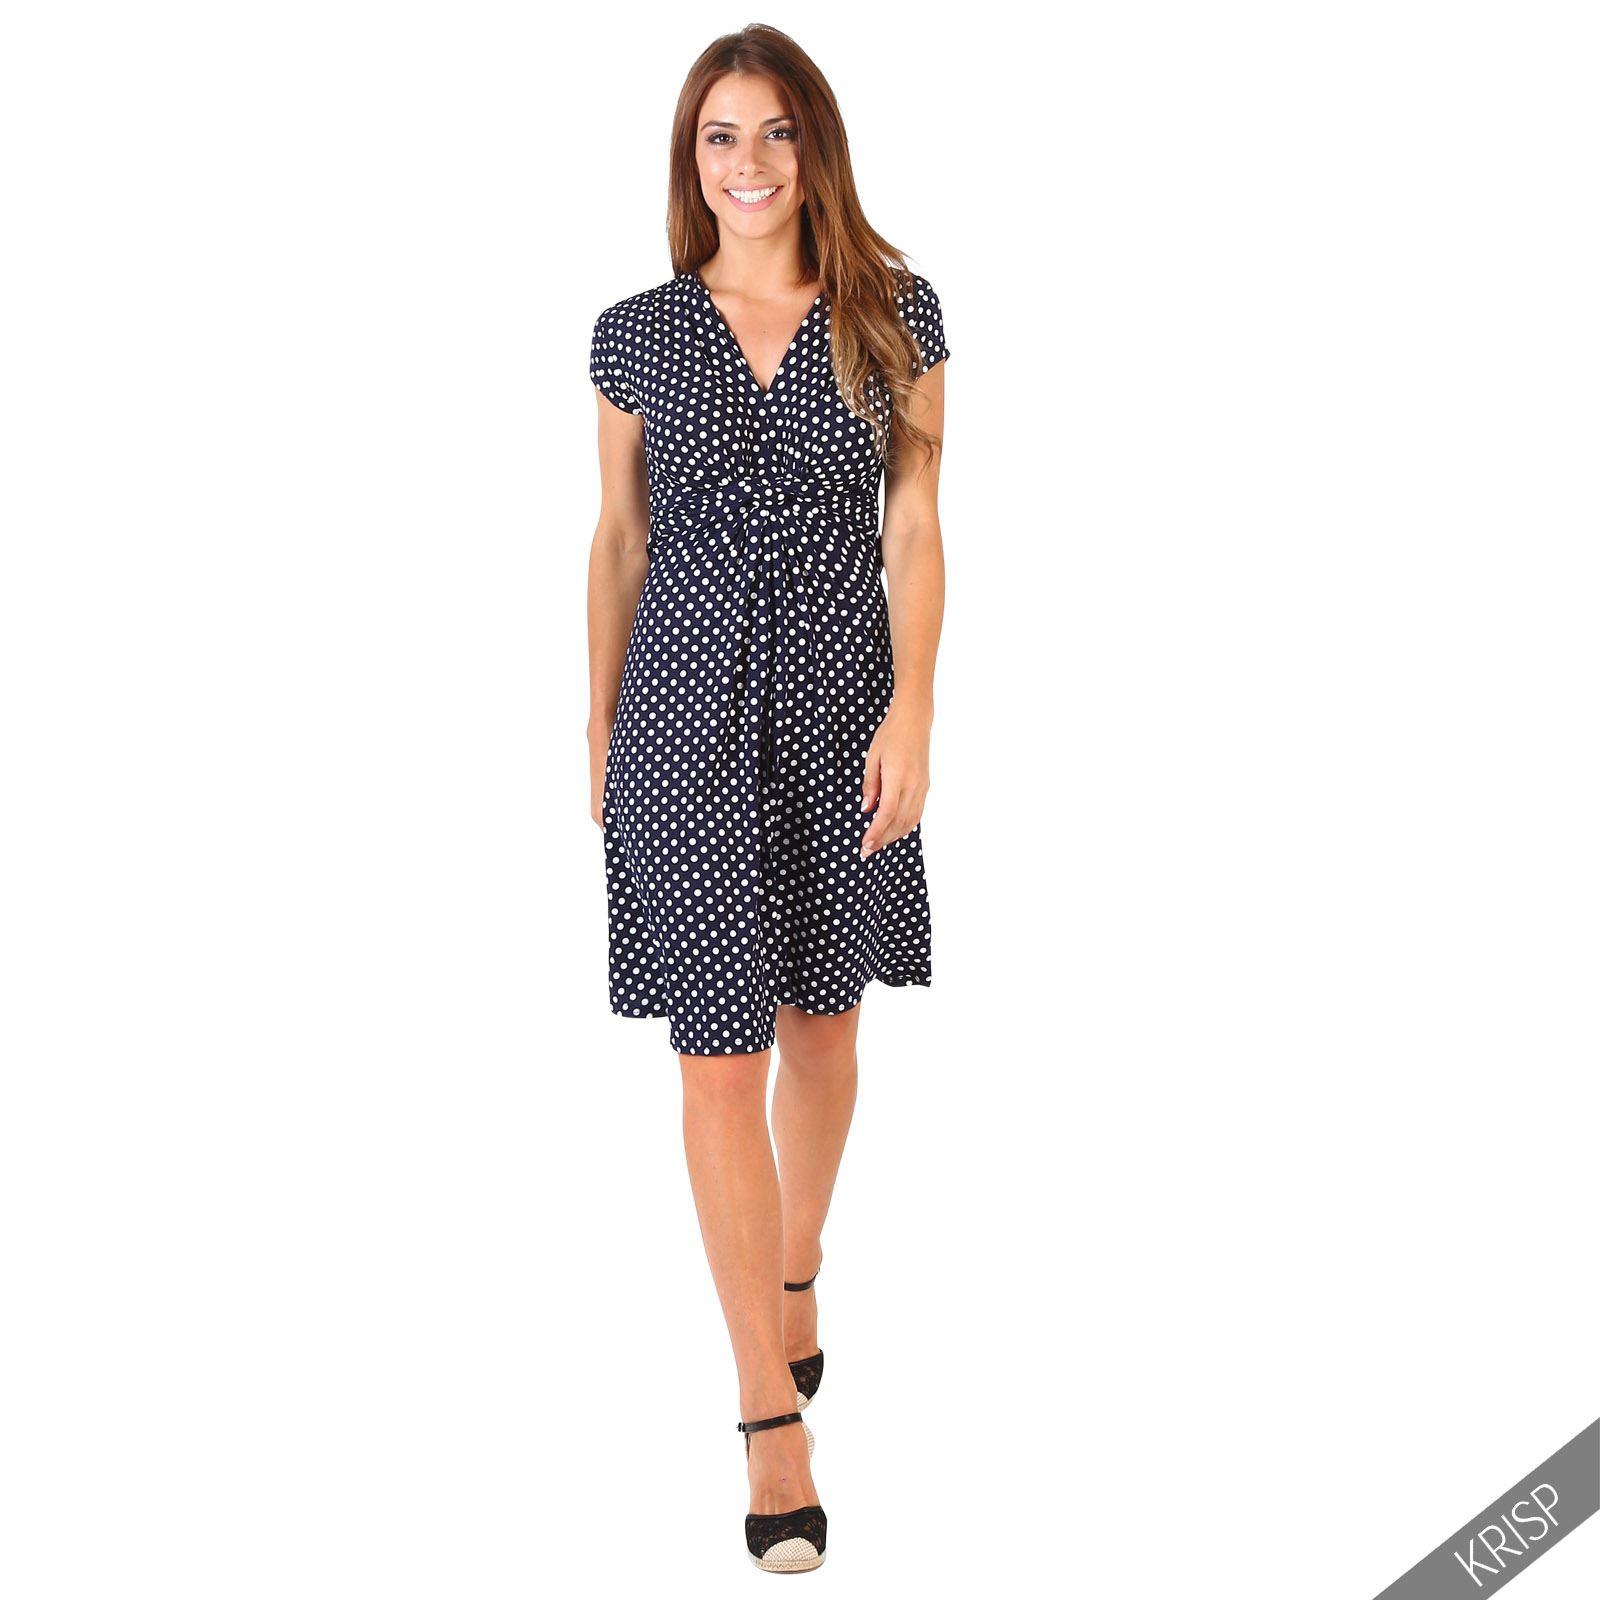 damen mini kleid mit punkten wickelkleid sommerkleid v ausschnitt geknotet kurz ebay. Black Bedroom Furniture Sets. Home Design Ideas